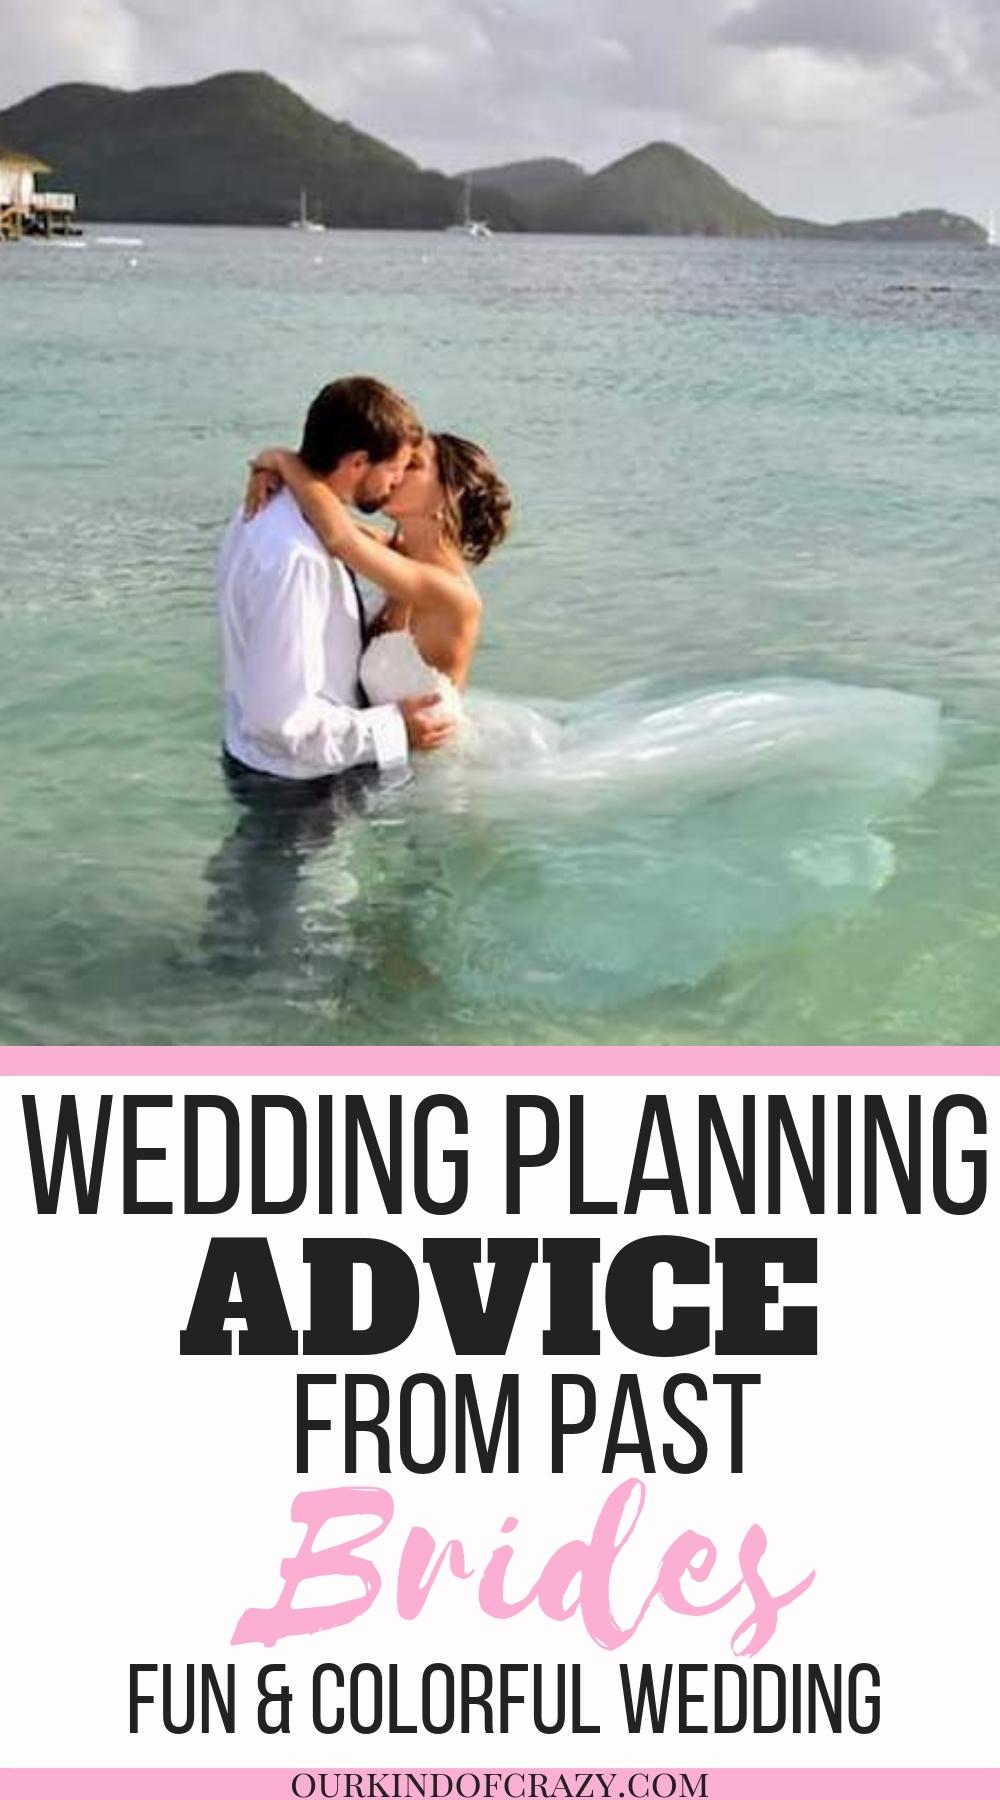 Destination Wedding Planning Tips. Sandals Resort in St. Lucia Wedding.